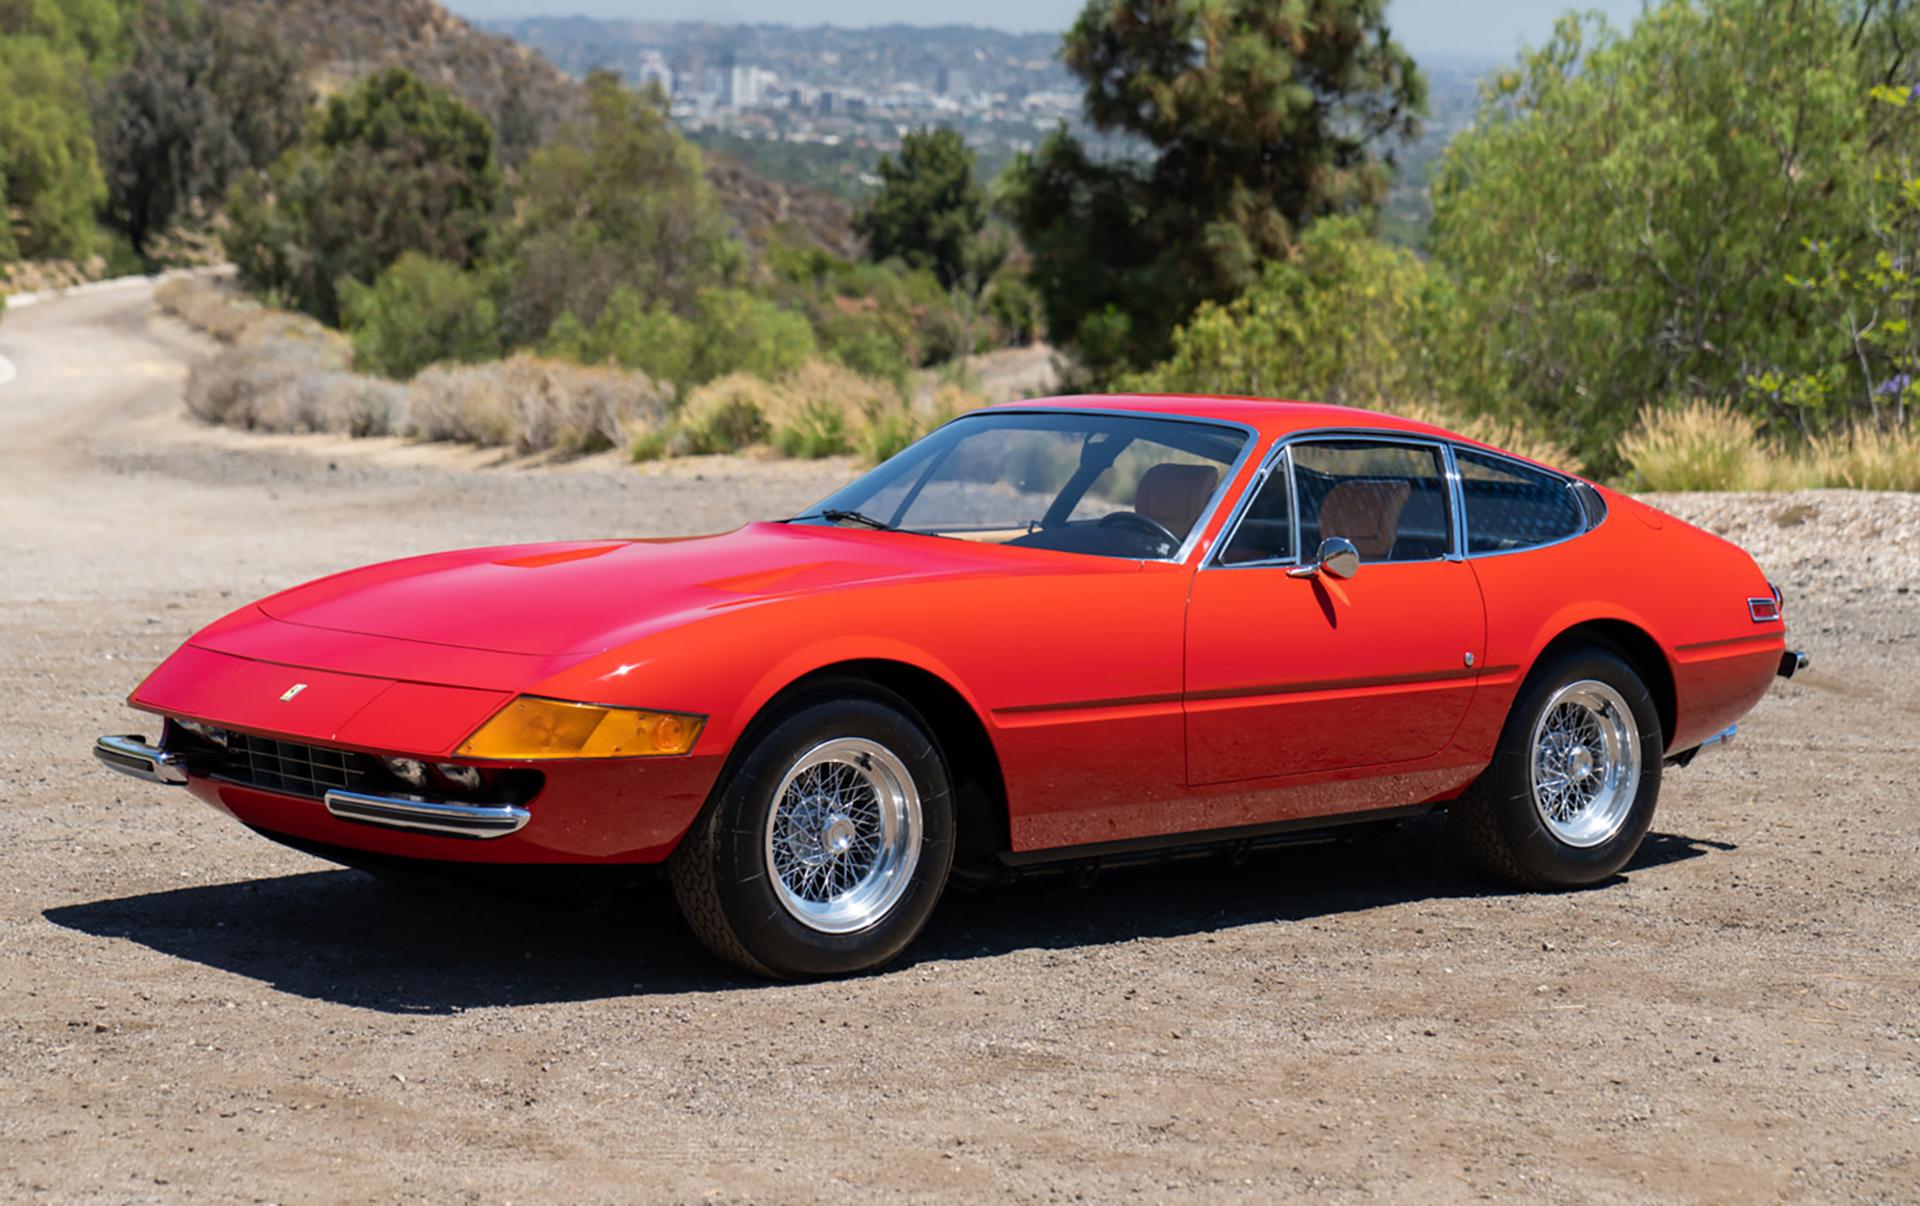 1973 Ferrari 365 GTB:4 Daytona